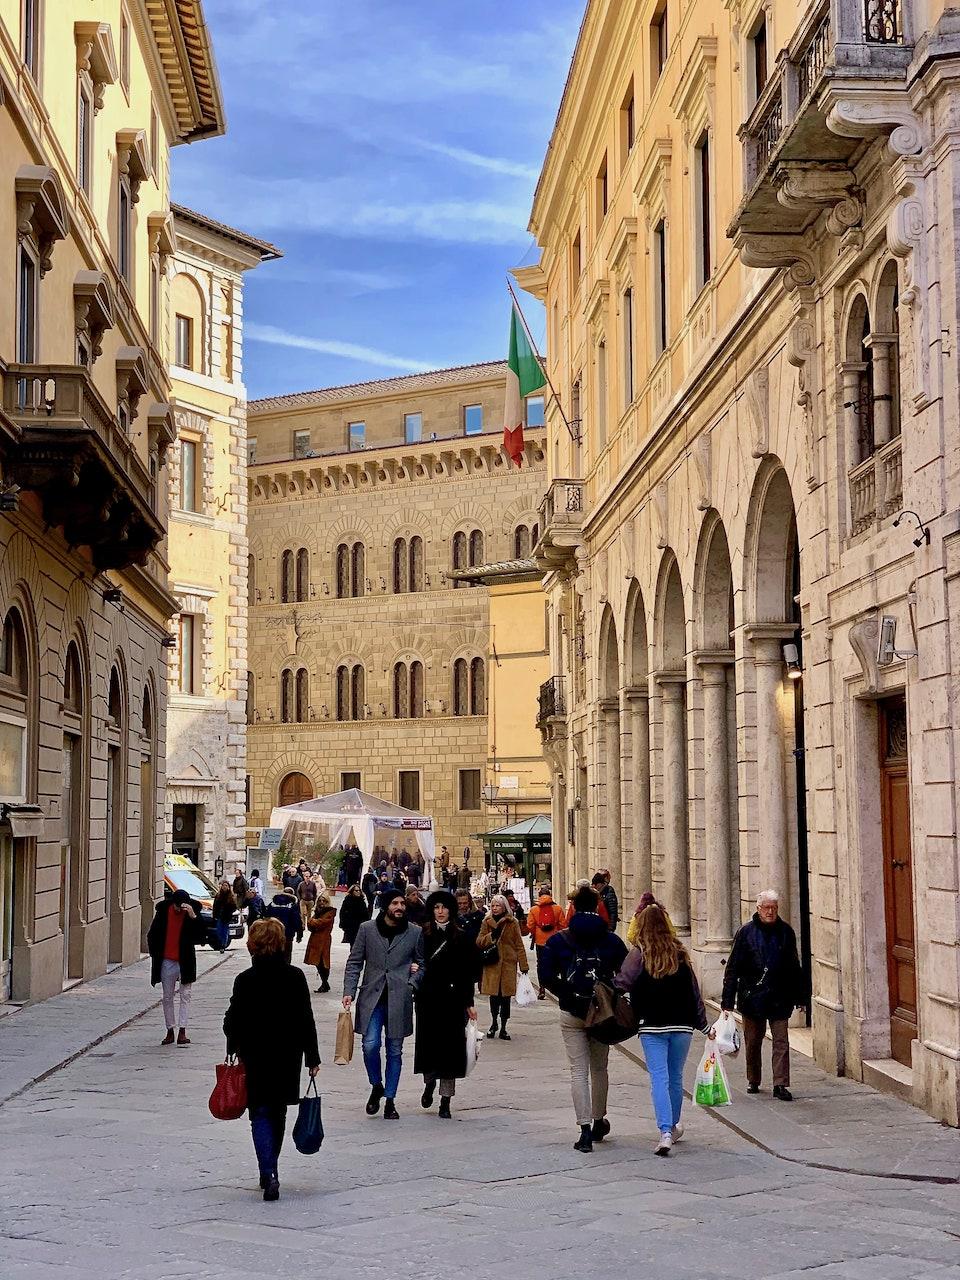 Verso via Banchi di Sopra a Siena